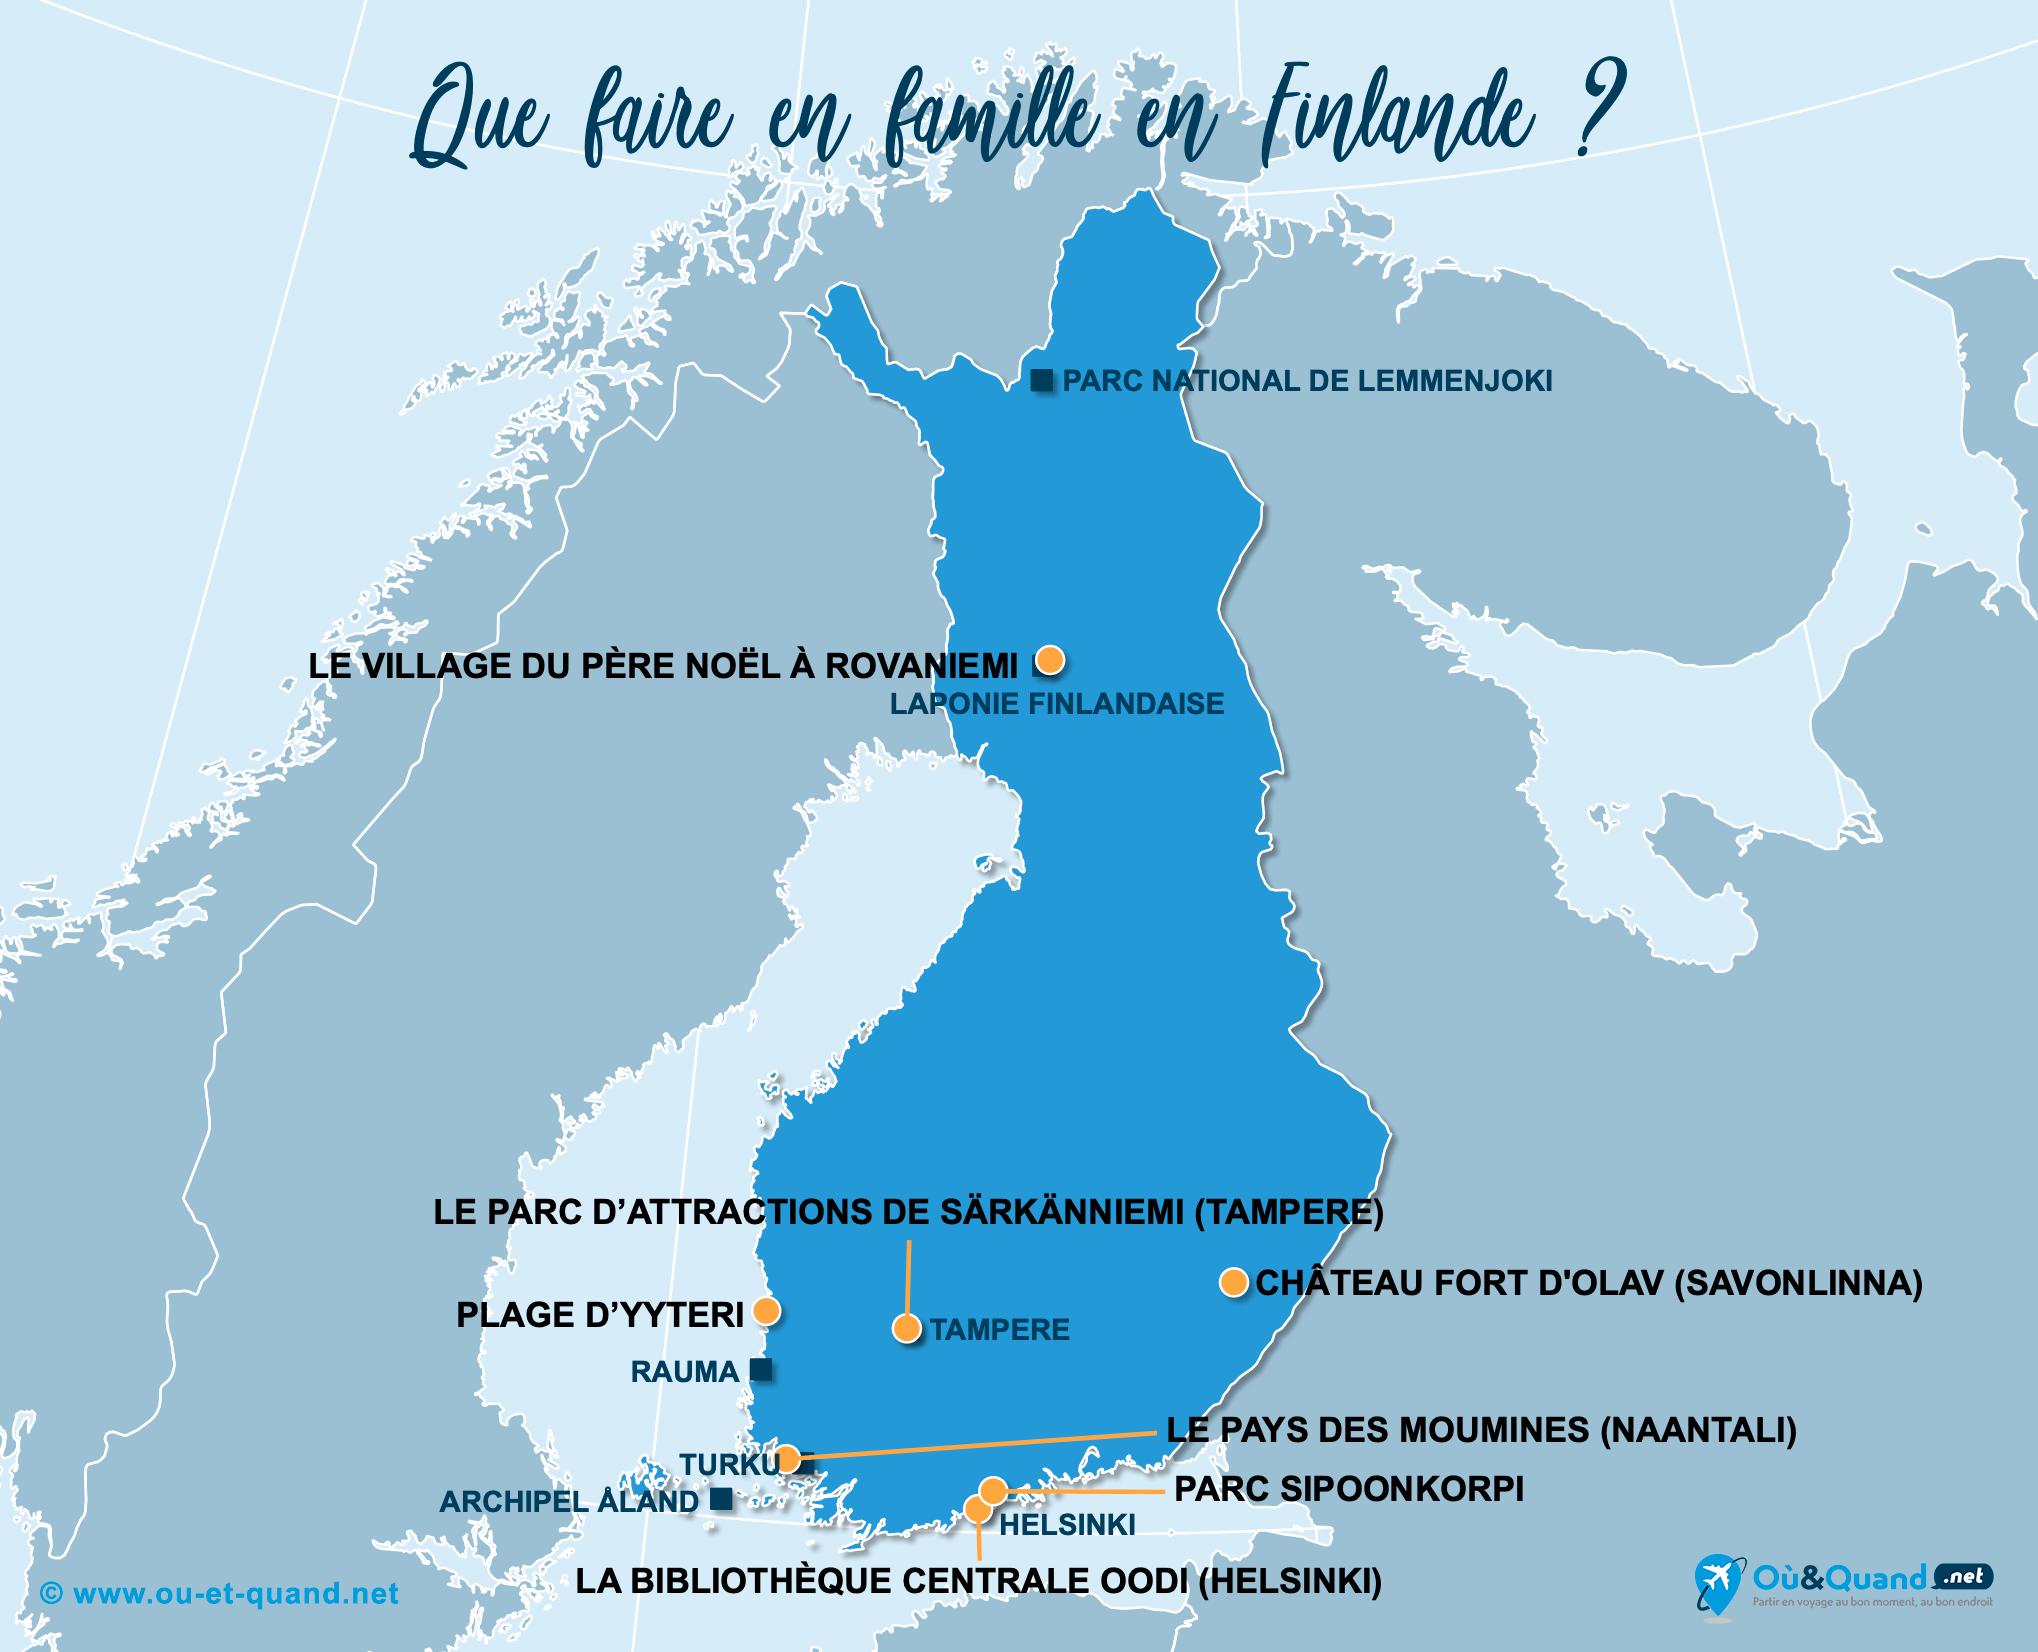 Carte Finlande : La Finlande en famille